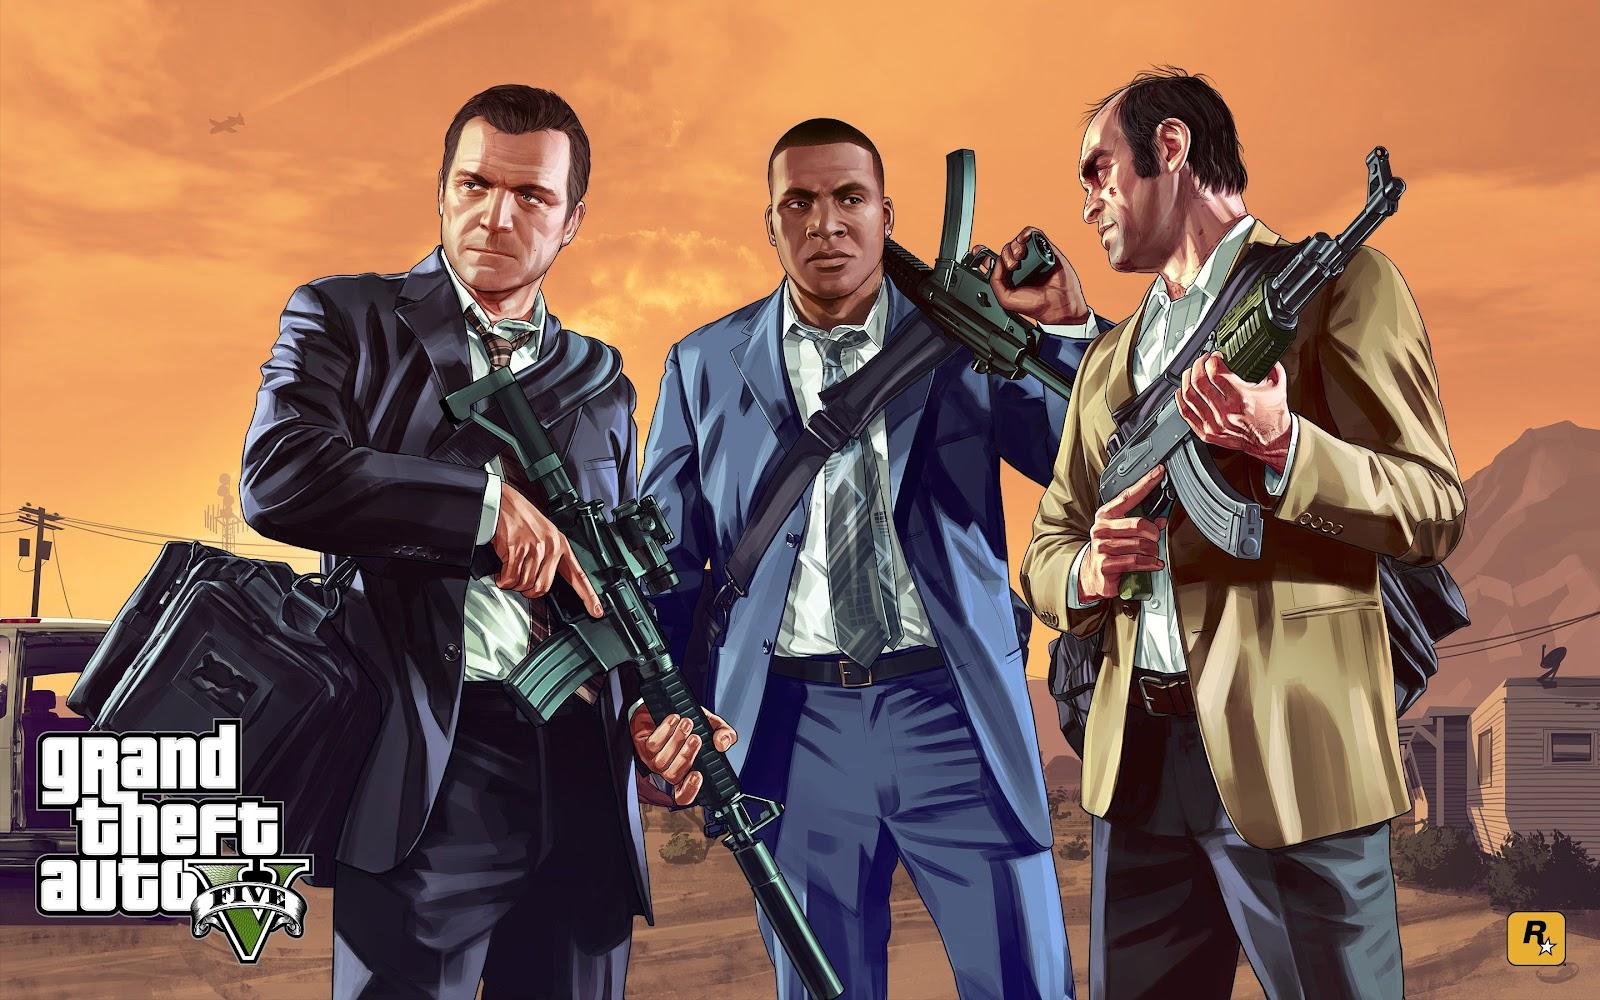 Franklin, Trevor und Michael mit Waffen vor orangenem Hintergrund